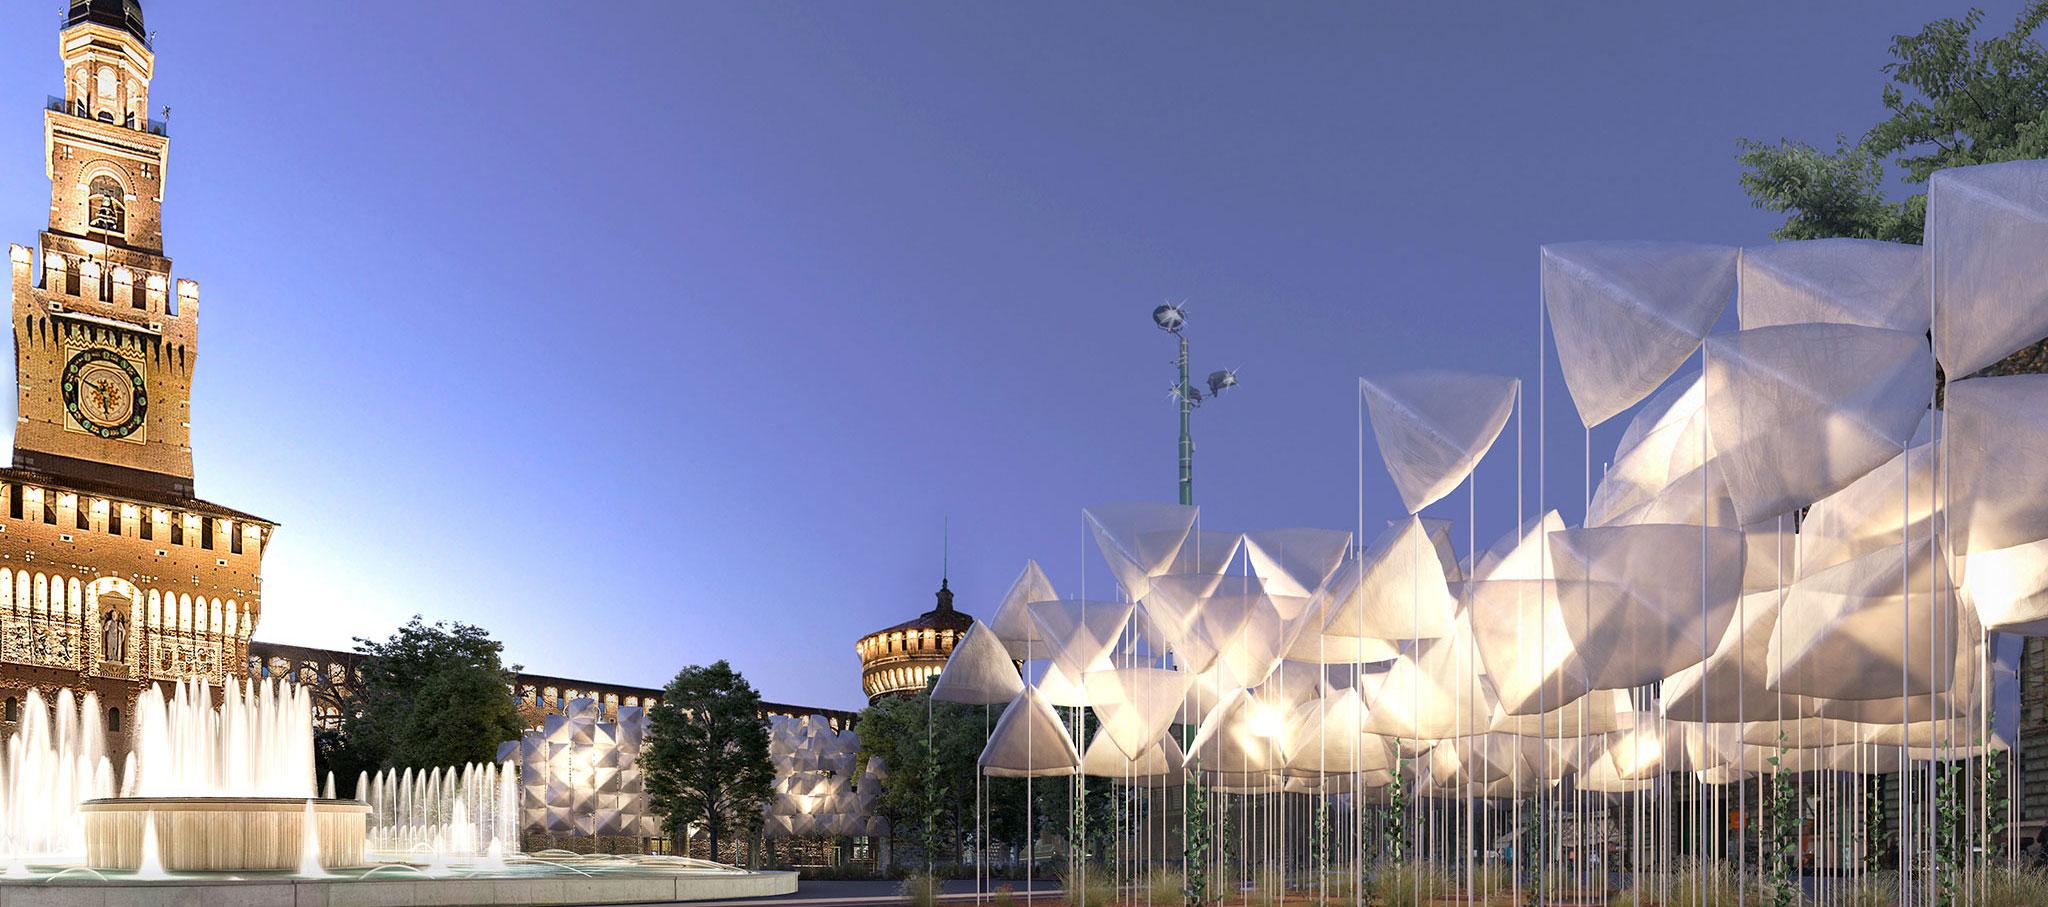 Instalación agrAir en la Milan Design Week 2018 por Piuarch. Imagen cortesía de Piuarch